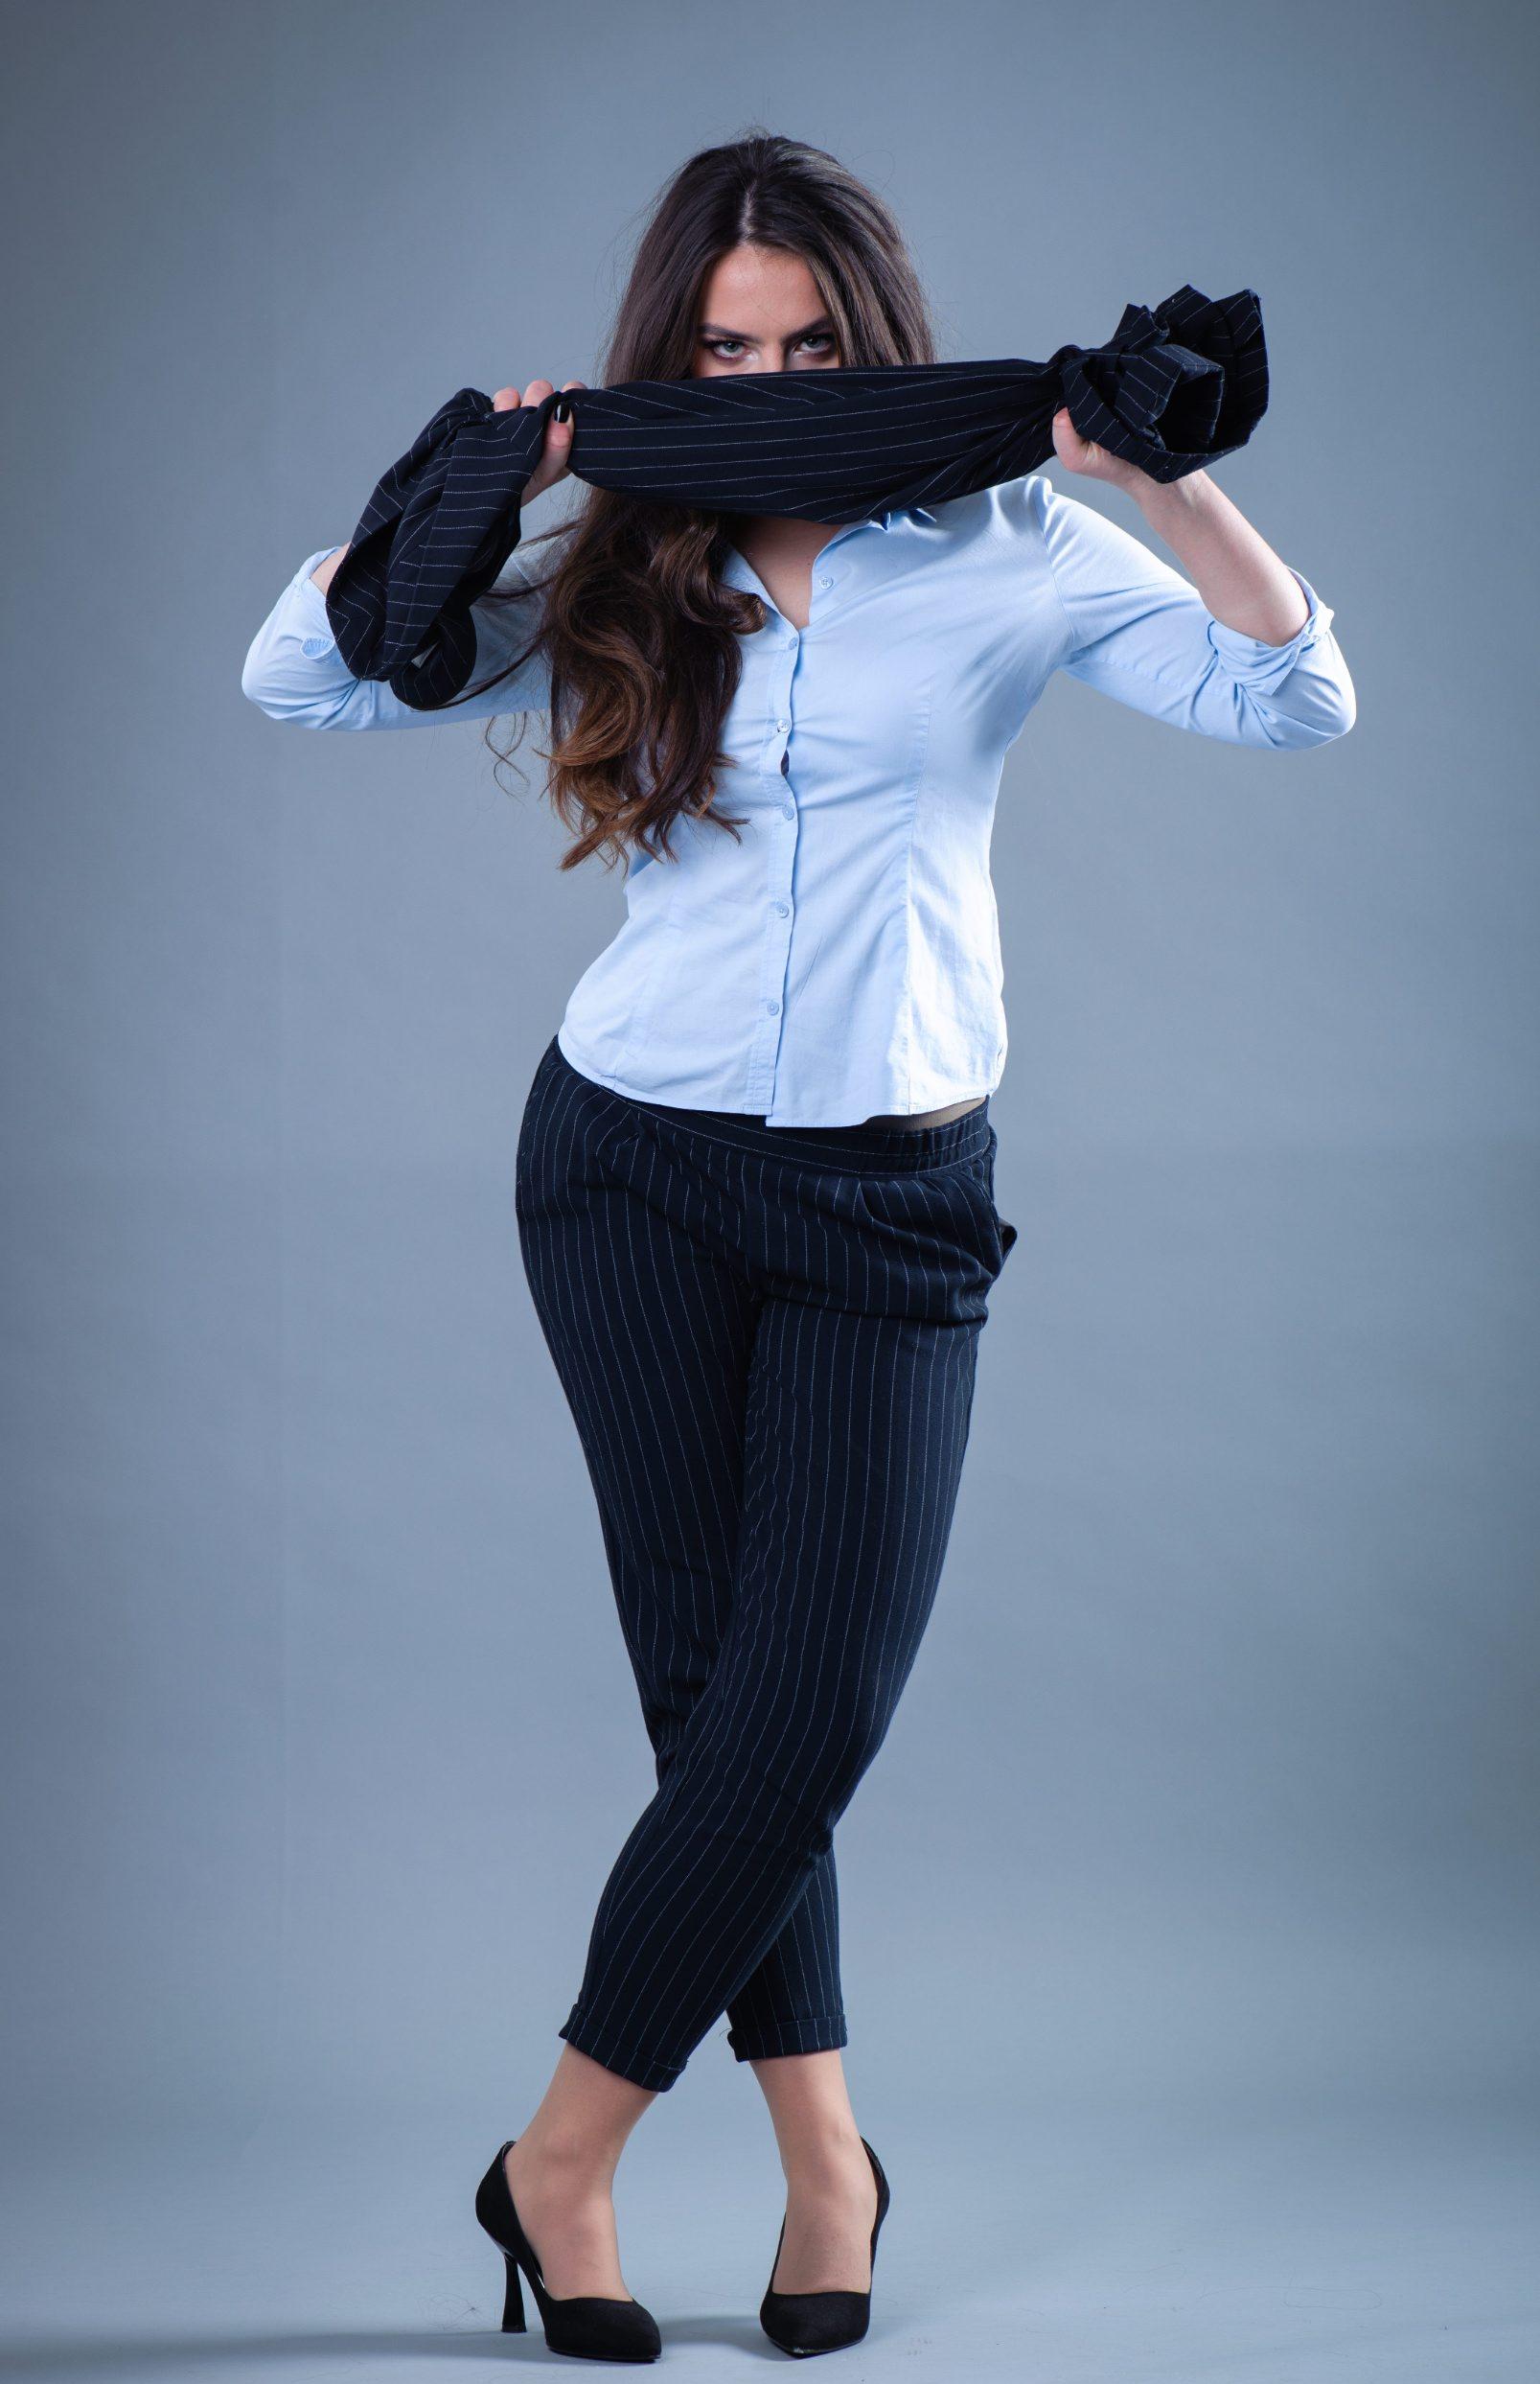 Splitz, 100320 Ana Ursula Najev, studentica glume na Umjetnickoj akademiji u Splitu. Foto: Tom Dubravec / CROPIX